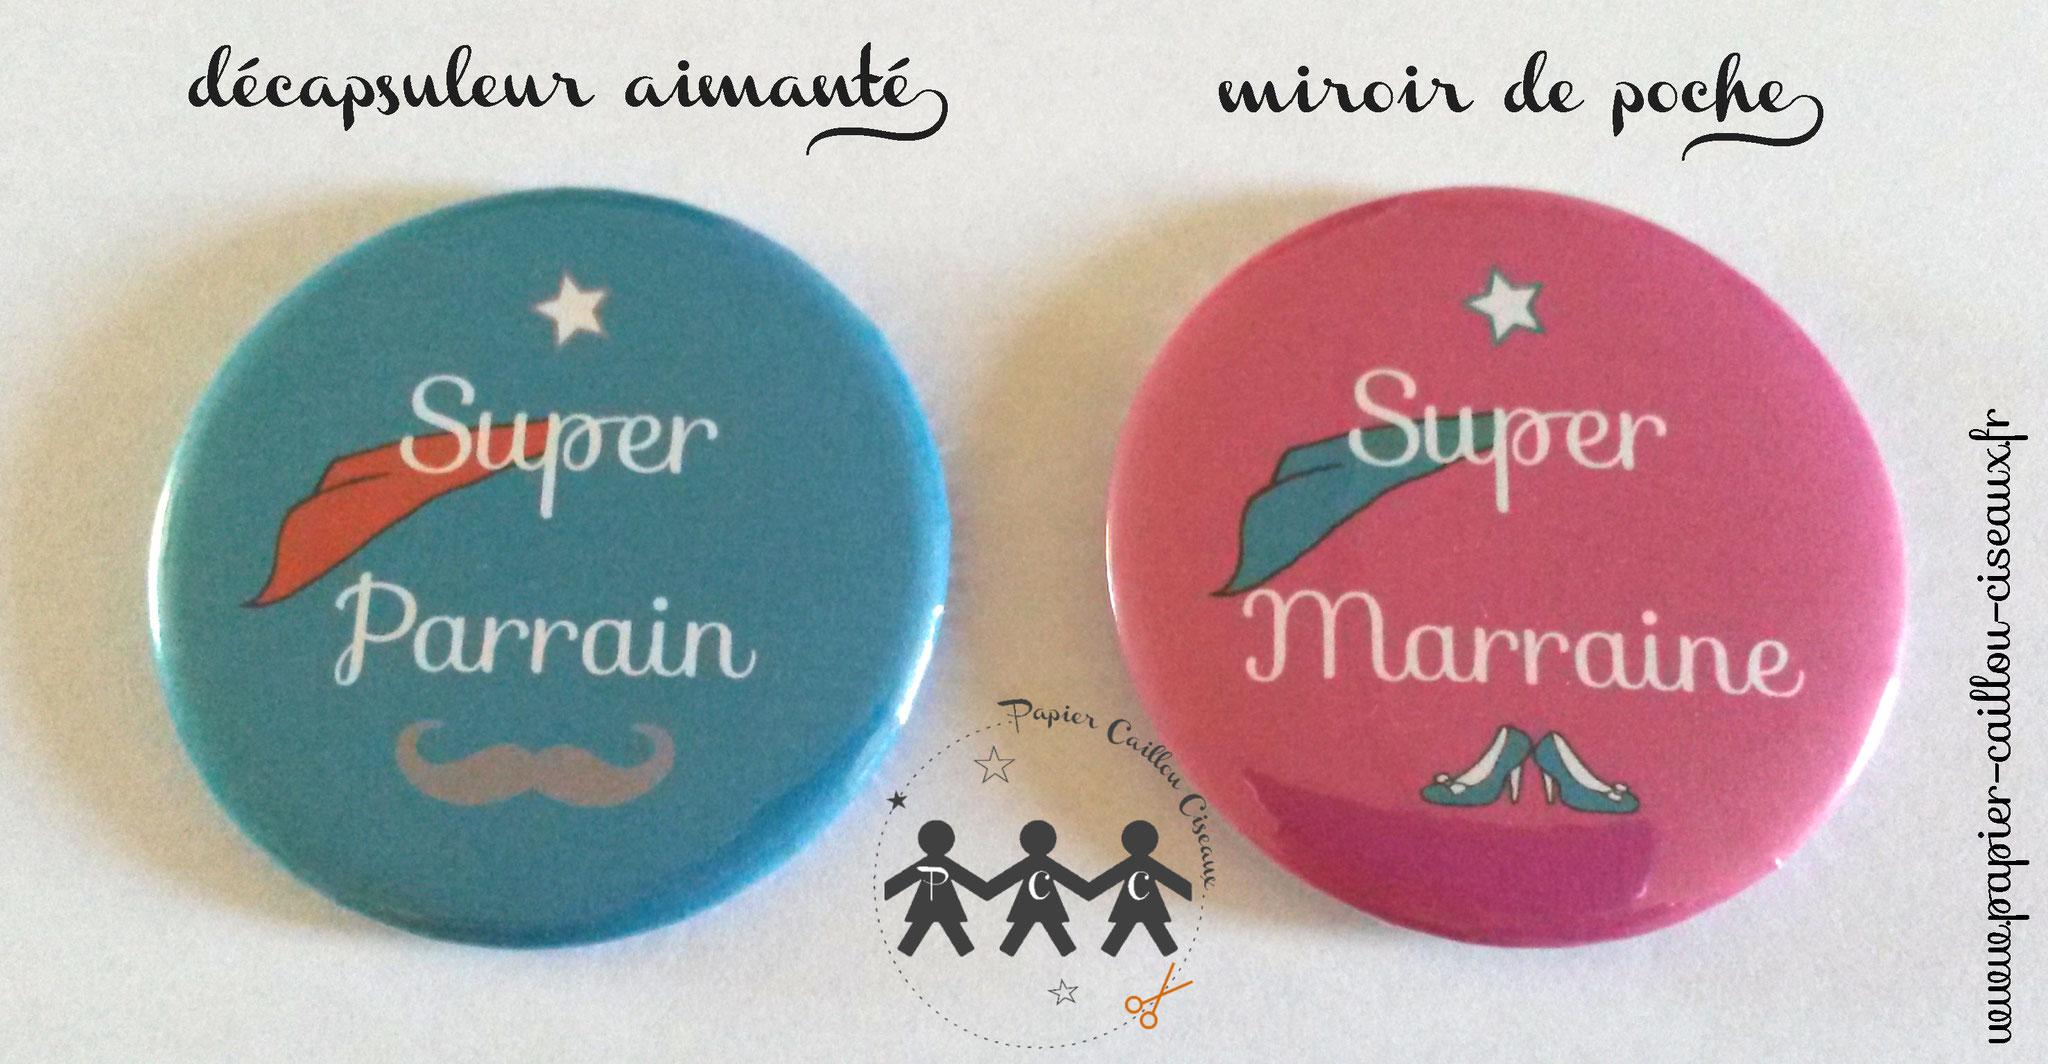 Duo de cadeaux parrain marraine -Turquoise & Framboise-